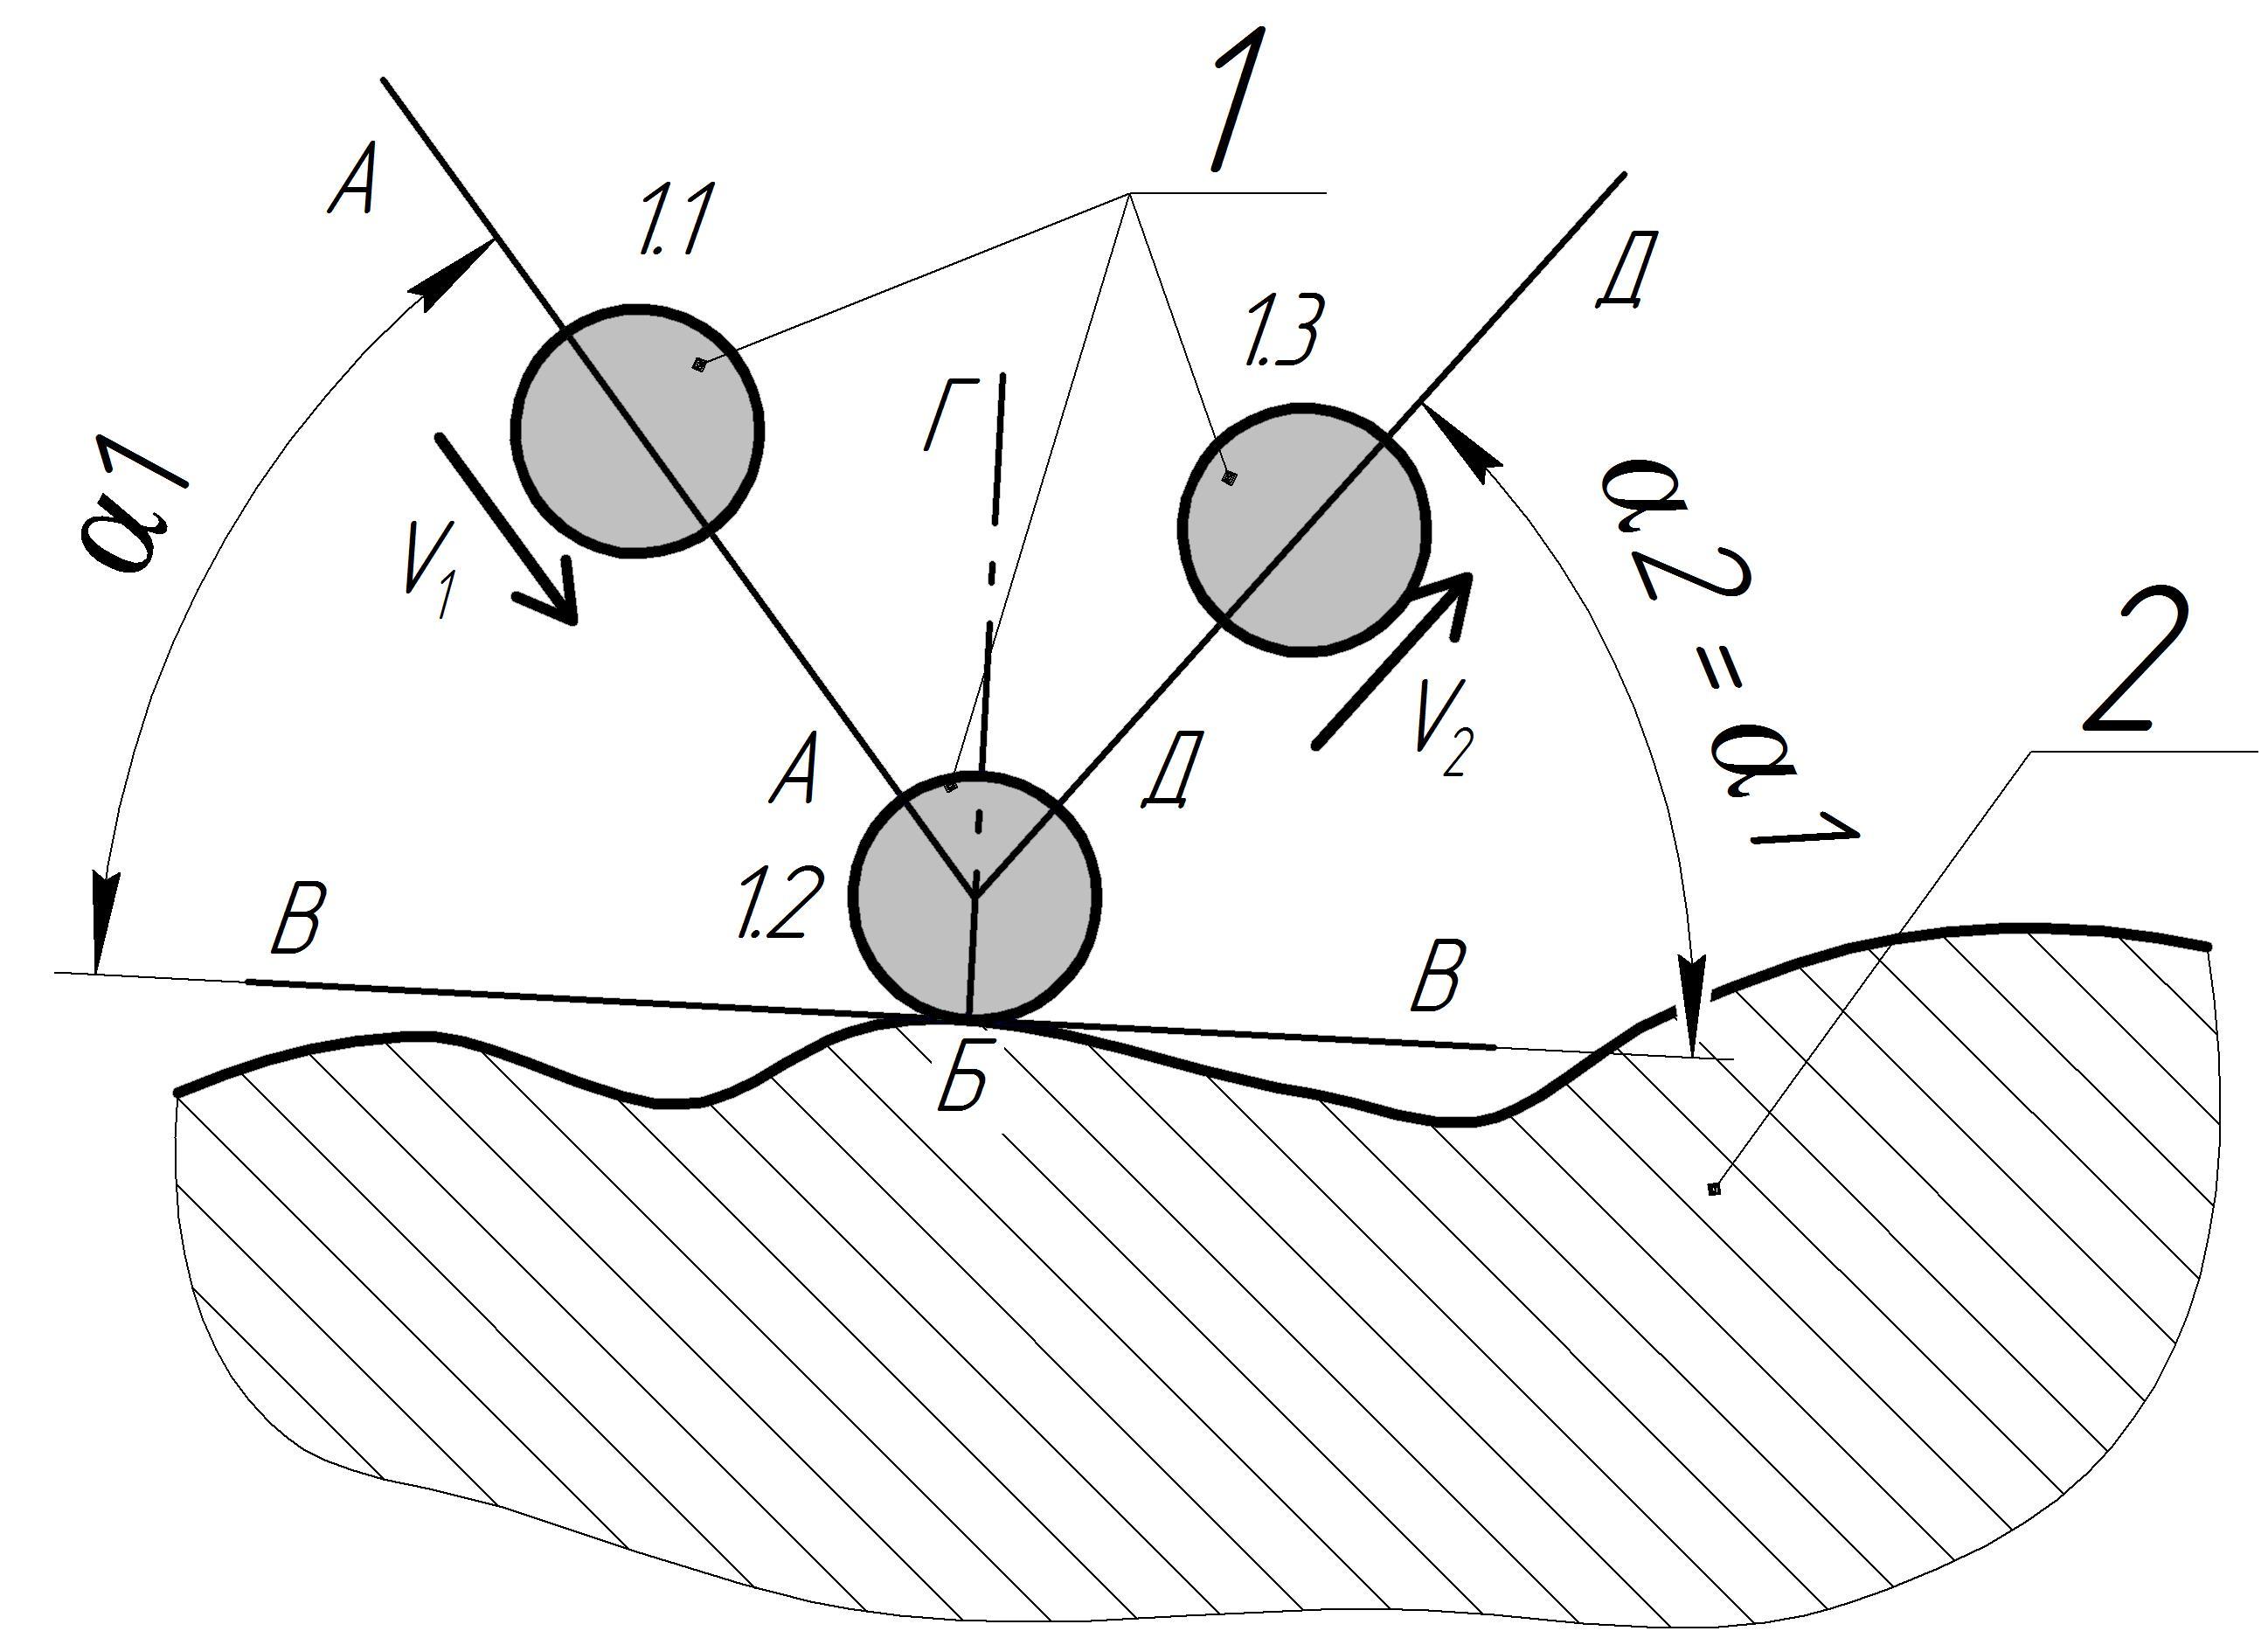 Рисунок 3. Схема гидроабразивного воздействия в экспертизе